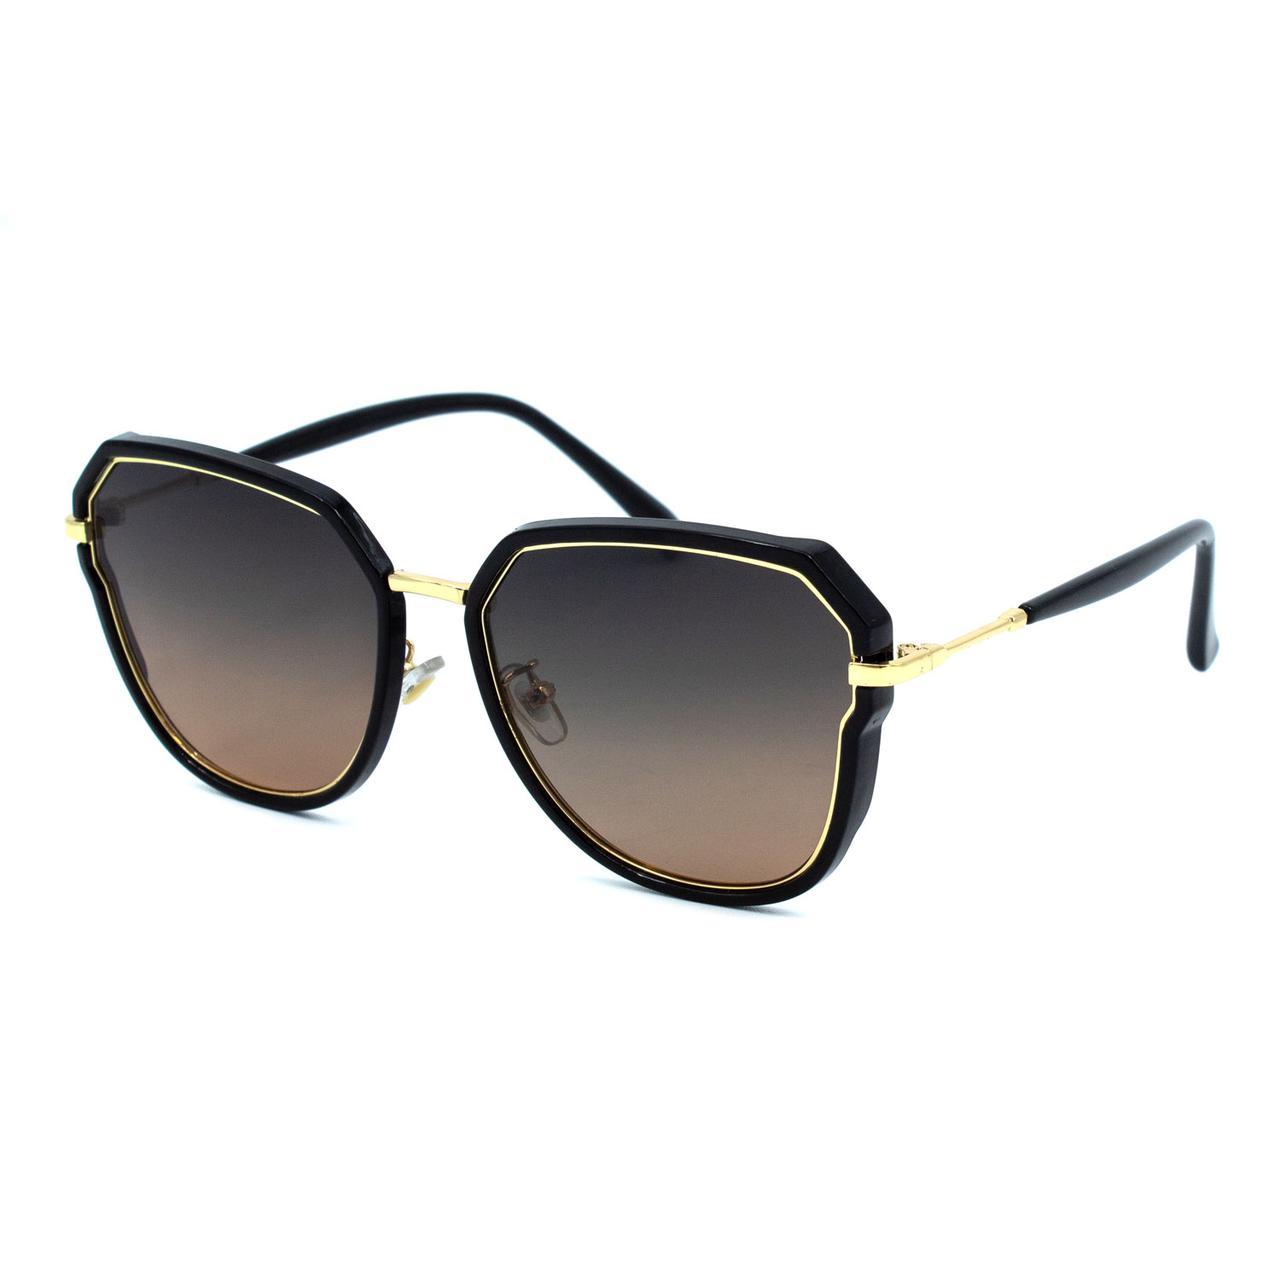 Солнцезащитные очки Marmilen Polar 3123 C2 серые с коричневым   ( 3123-02 )